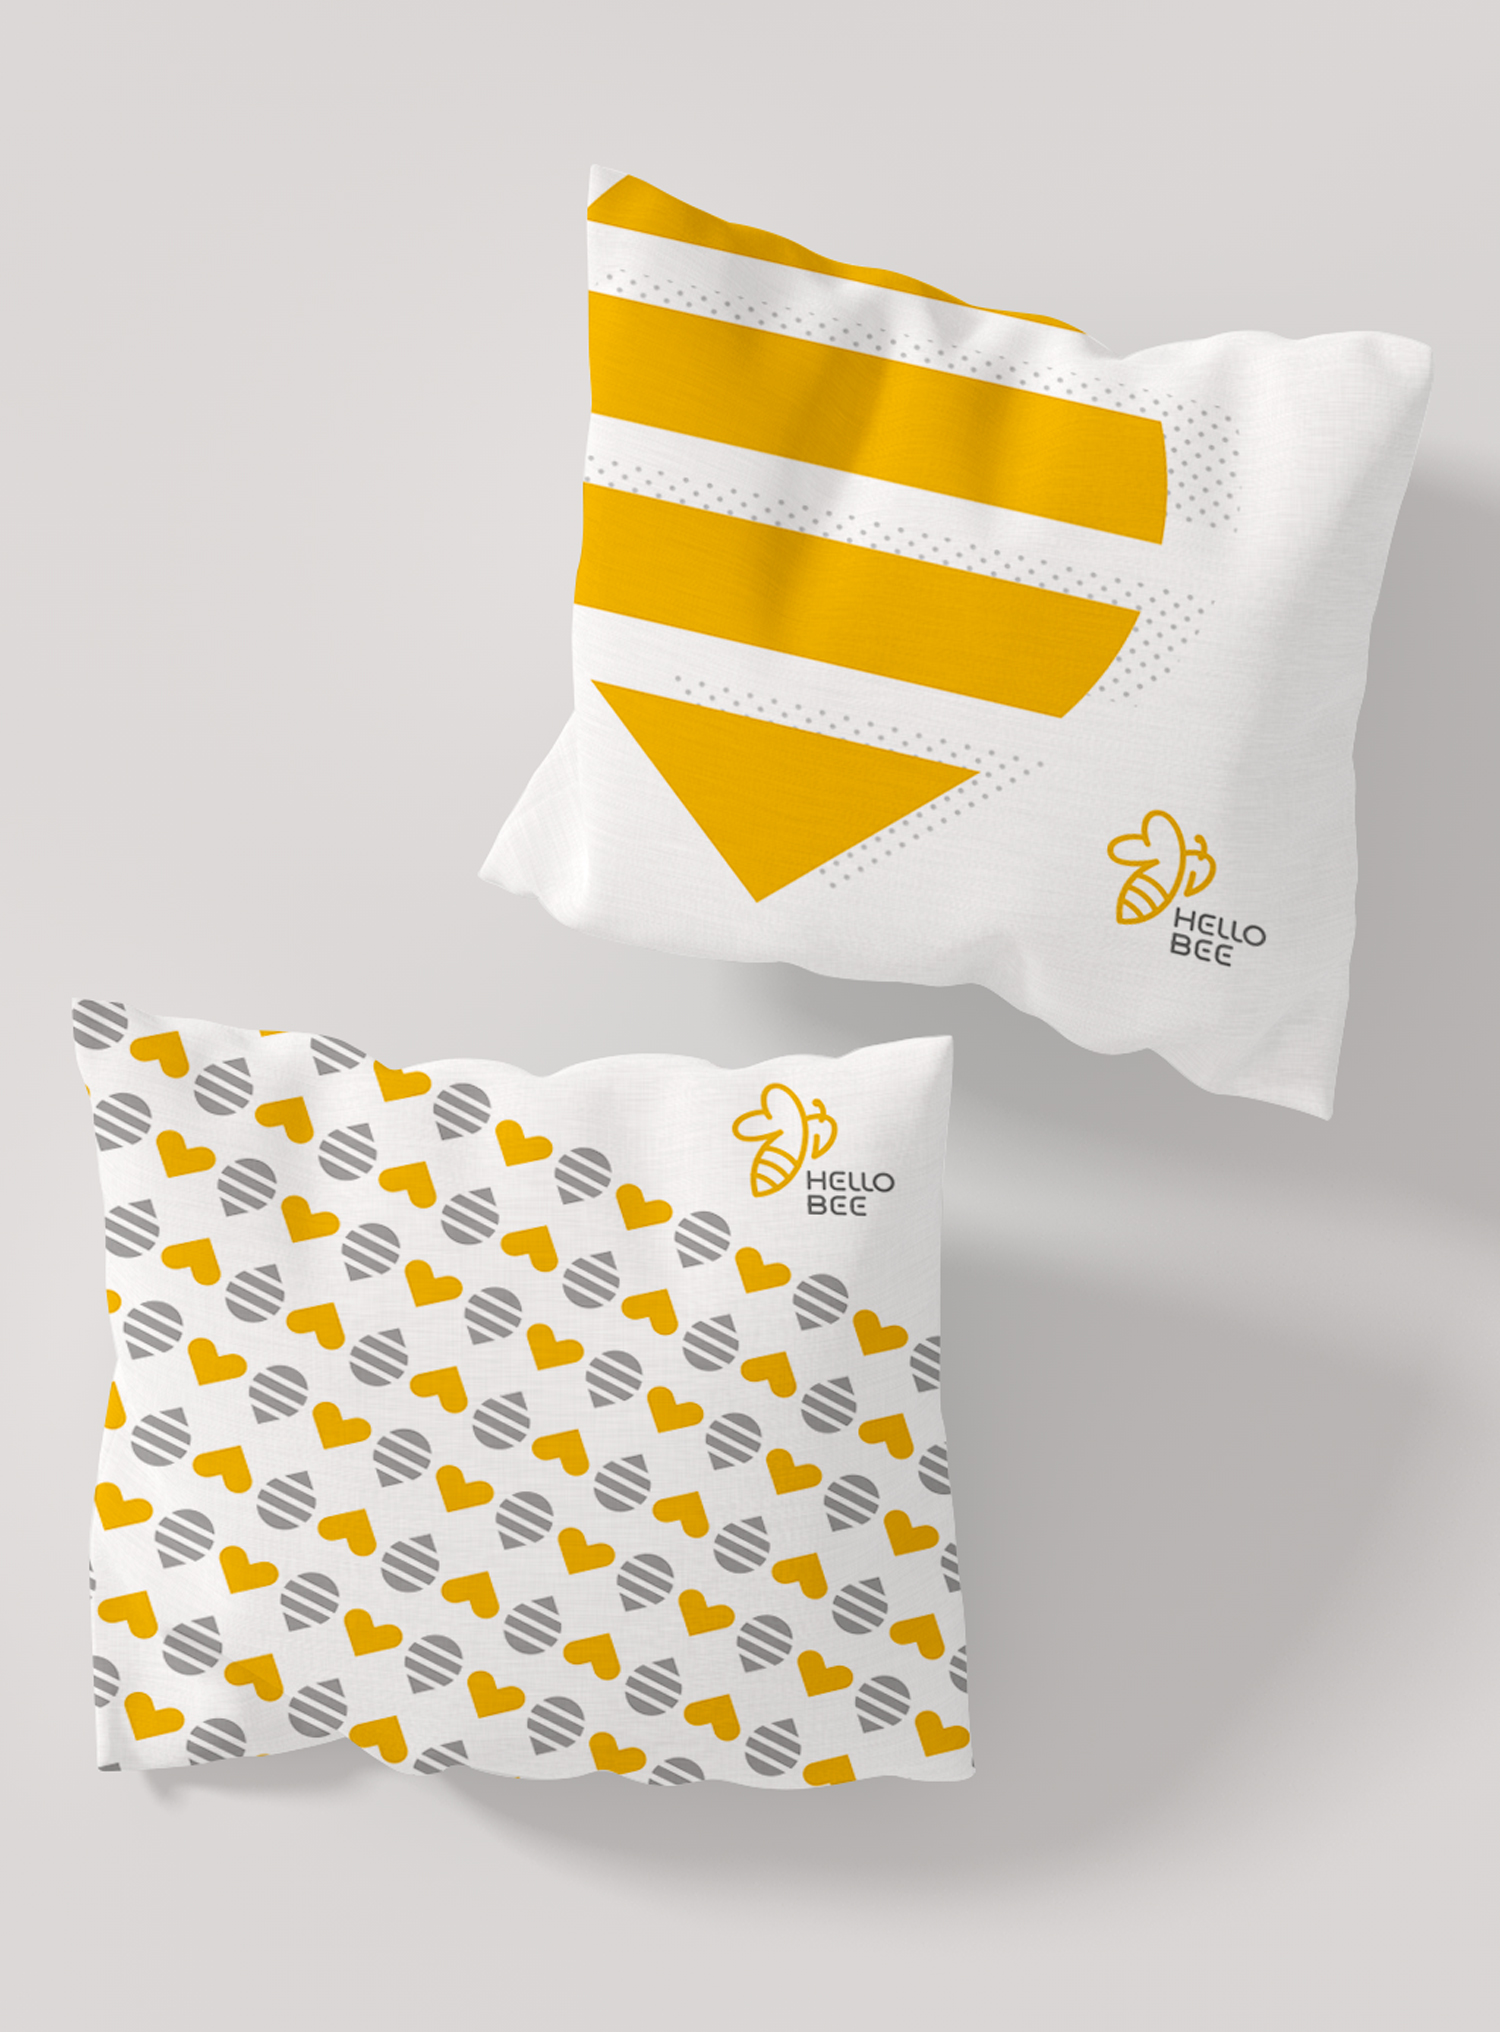 logo设计全过程,从沟通到提案实用方法